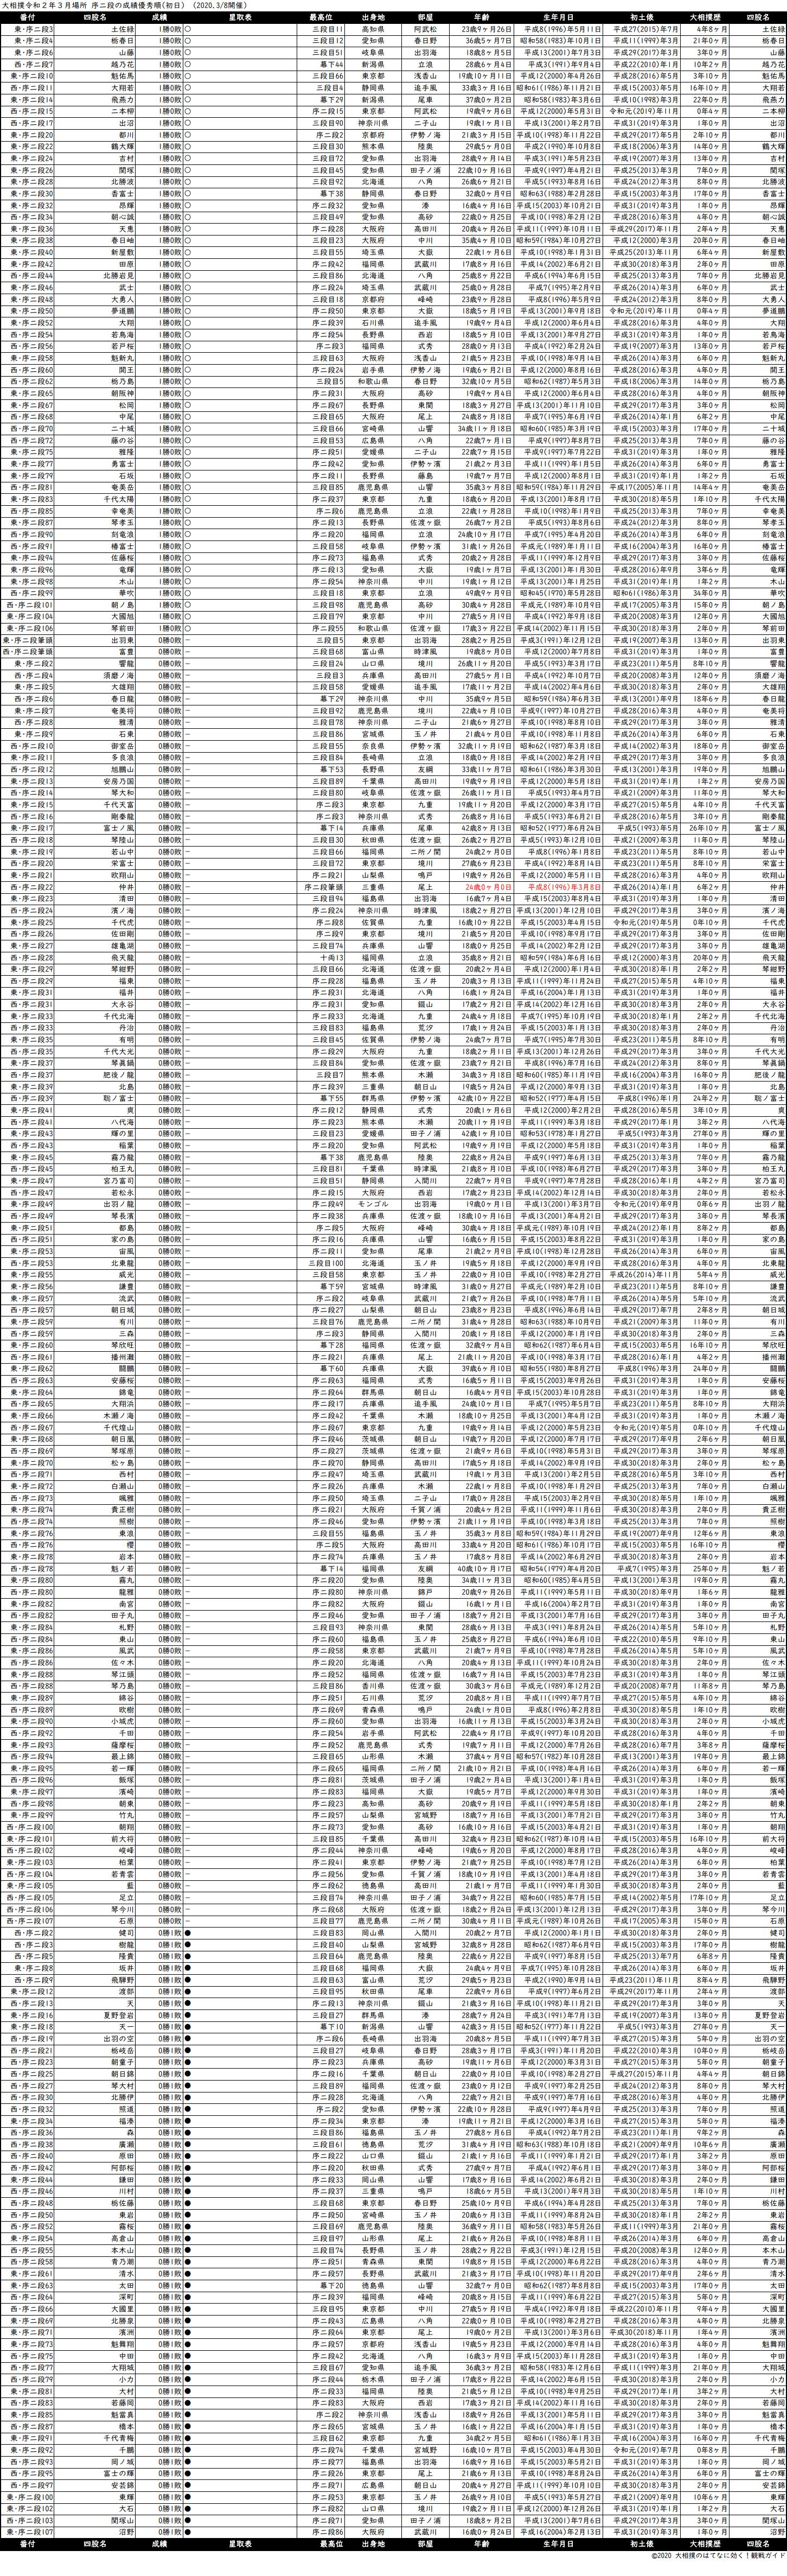 序二段成績順一覧表・2020年3月場所初日